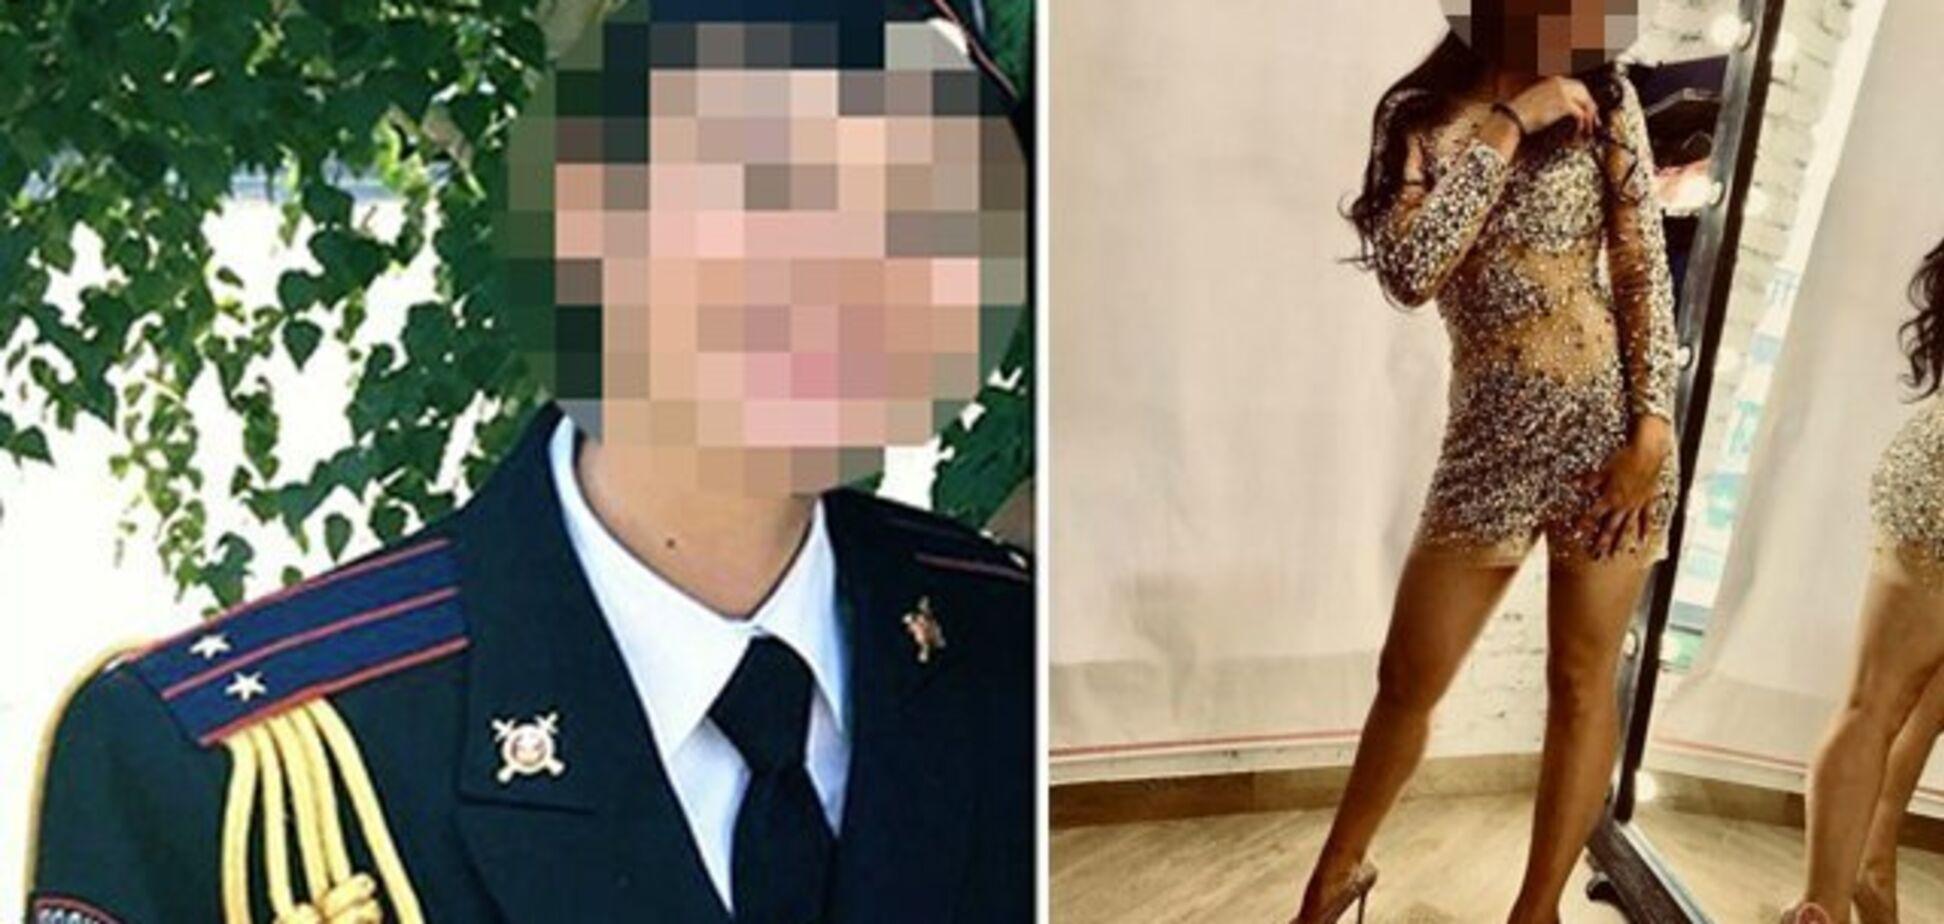 Групповое изнасилование полицейской в России: появились жестокие подробности ЧП